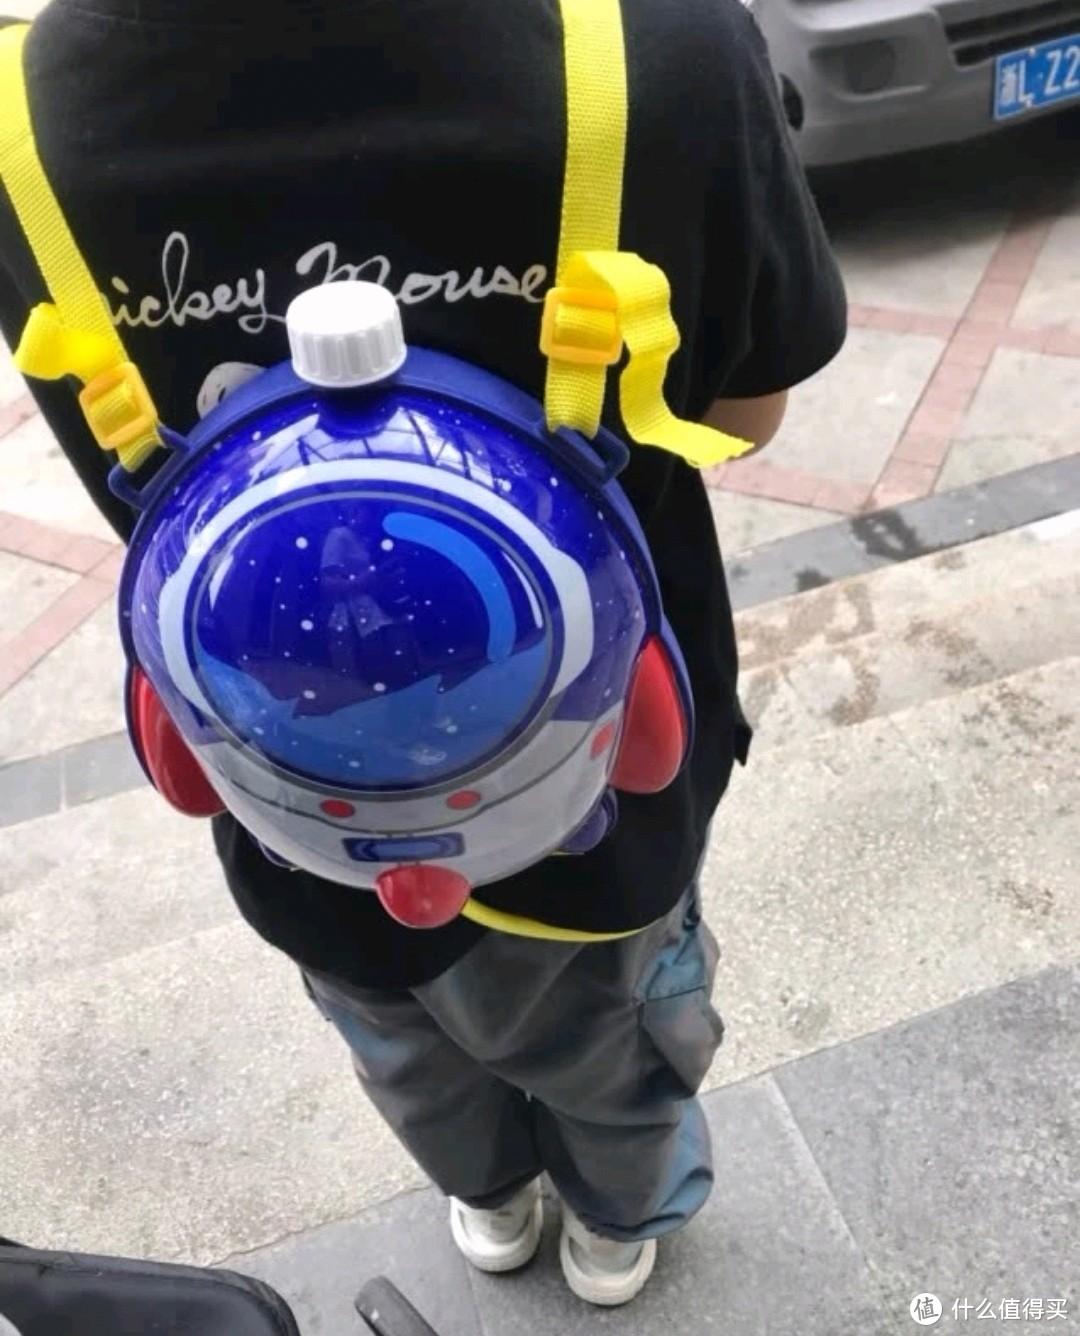 夏日儿童玩水大作战~各式样水枪大集合